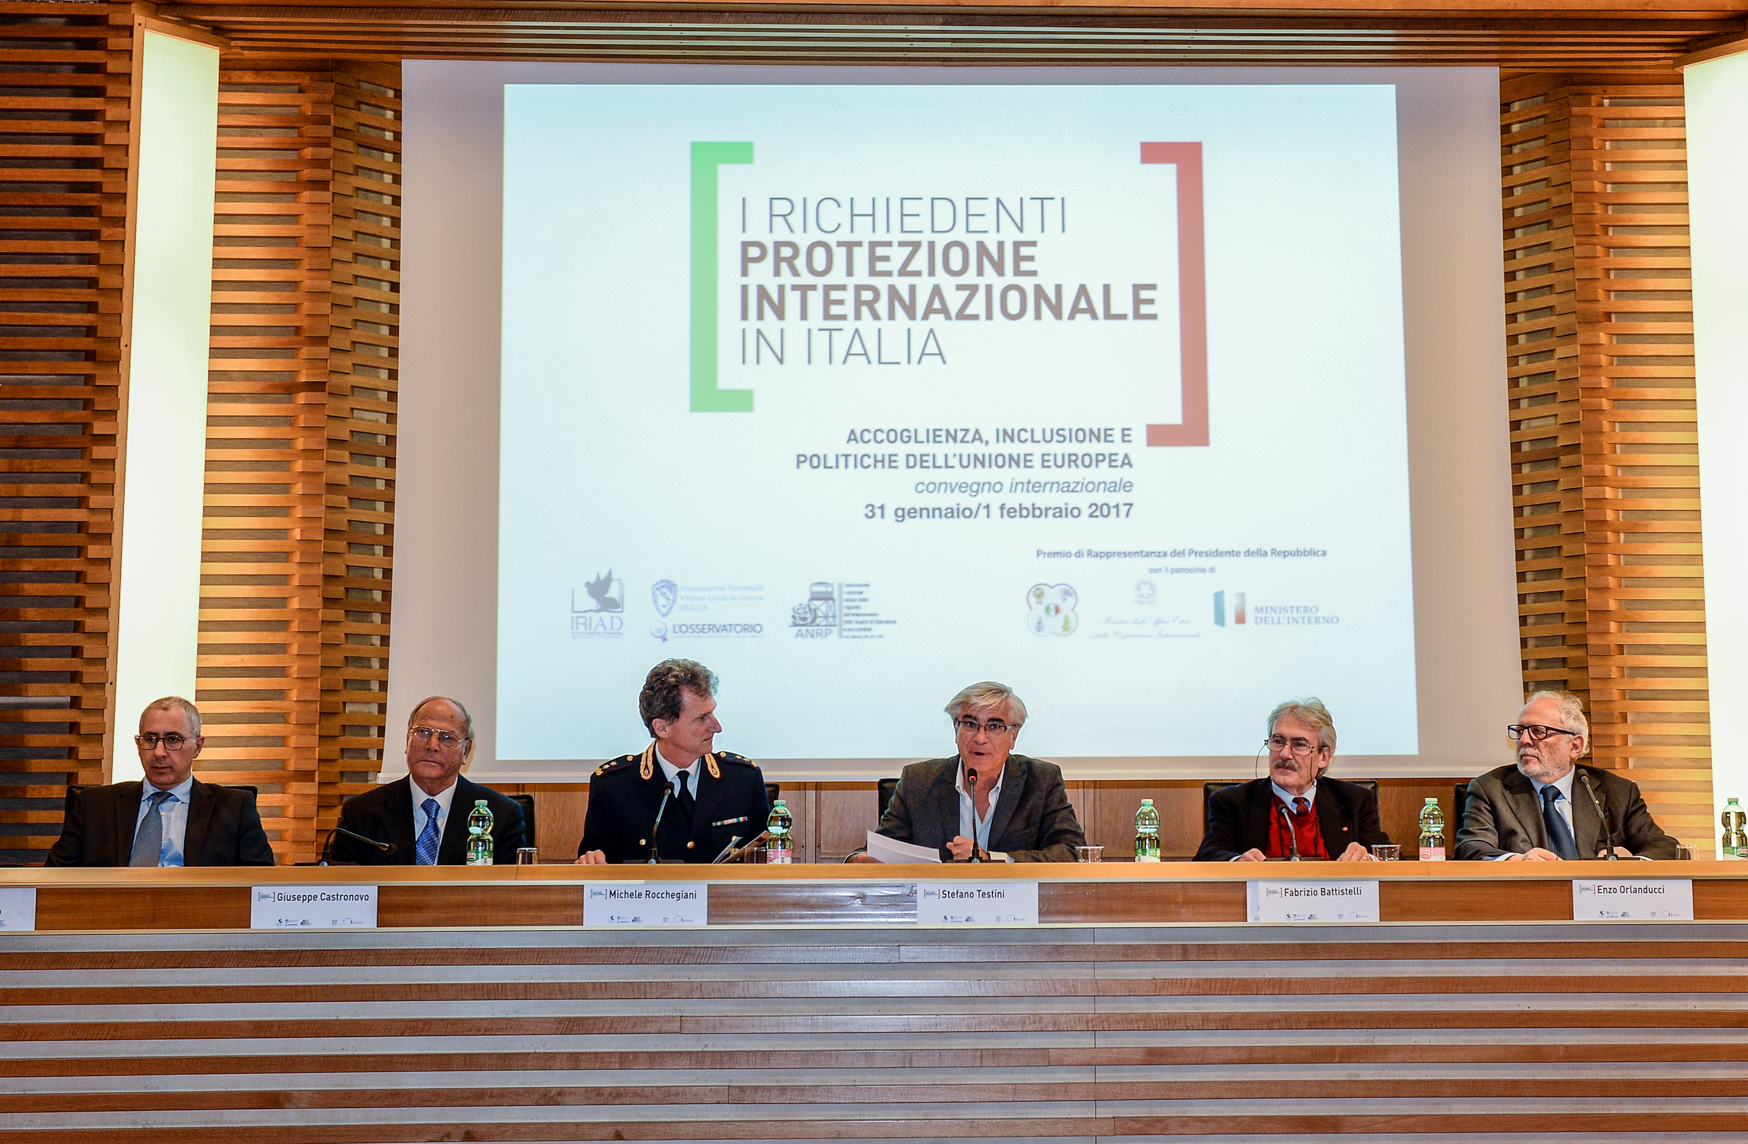 Roma, 31 gennaio/1 febbraio 2017 - Accoglienza, inclusione e politiche dell'Unione Europea. Convegno Internazionale.